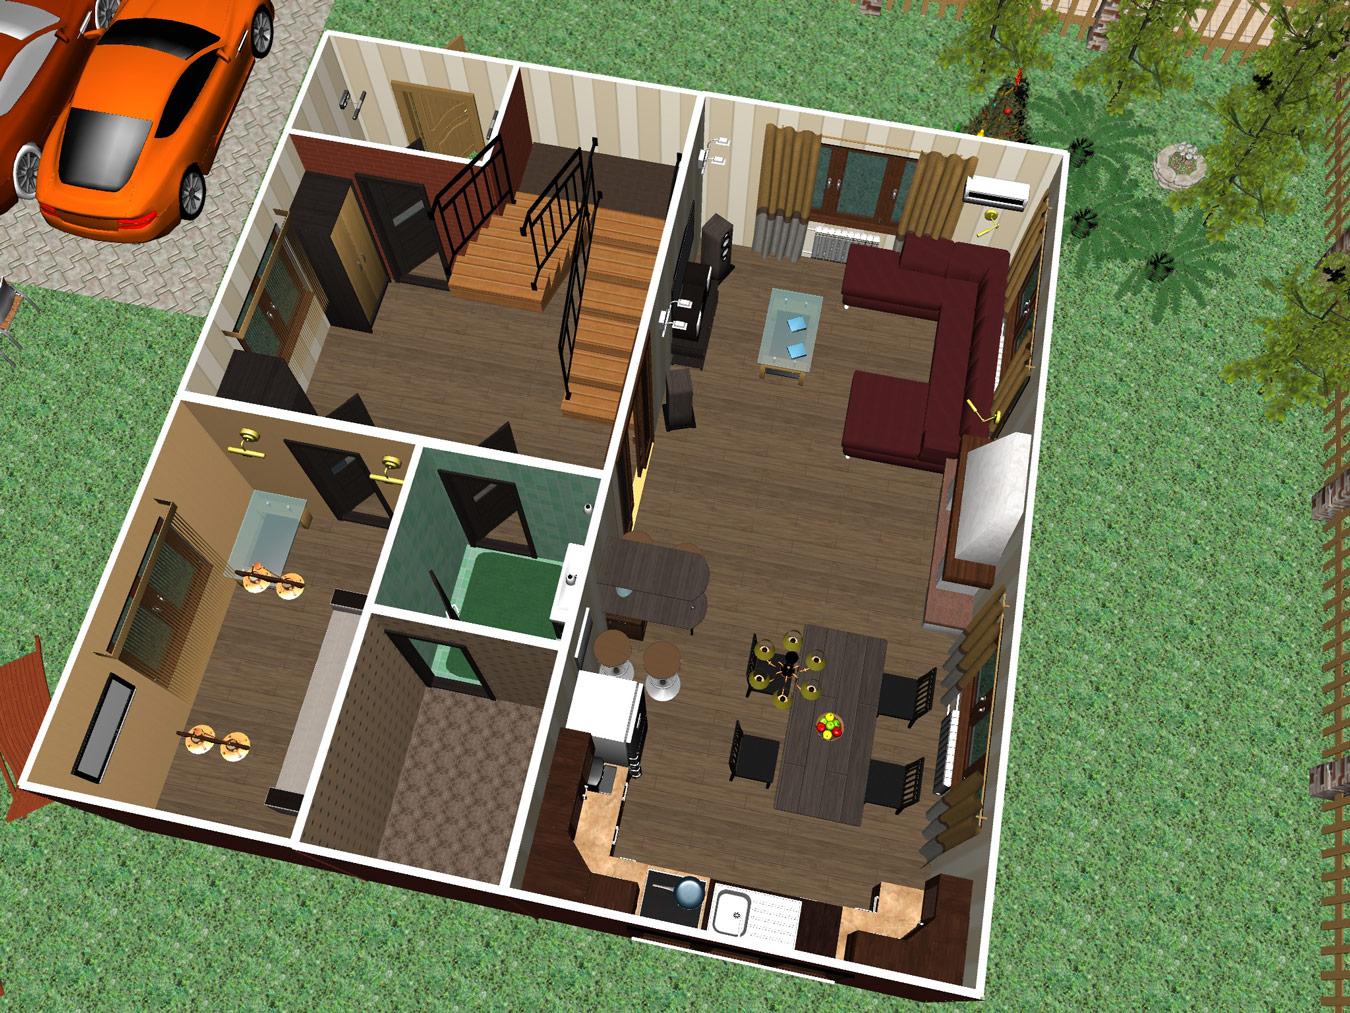 Проектирование дома своими руками: как сделать проект дома самому 83